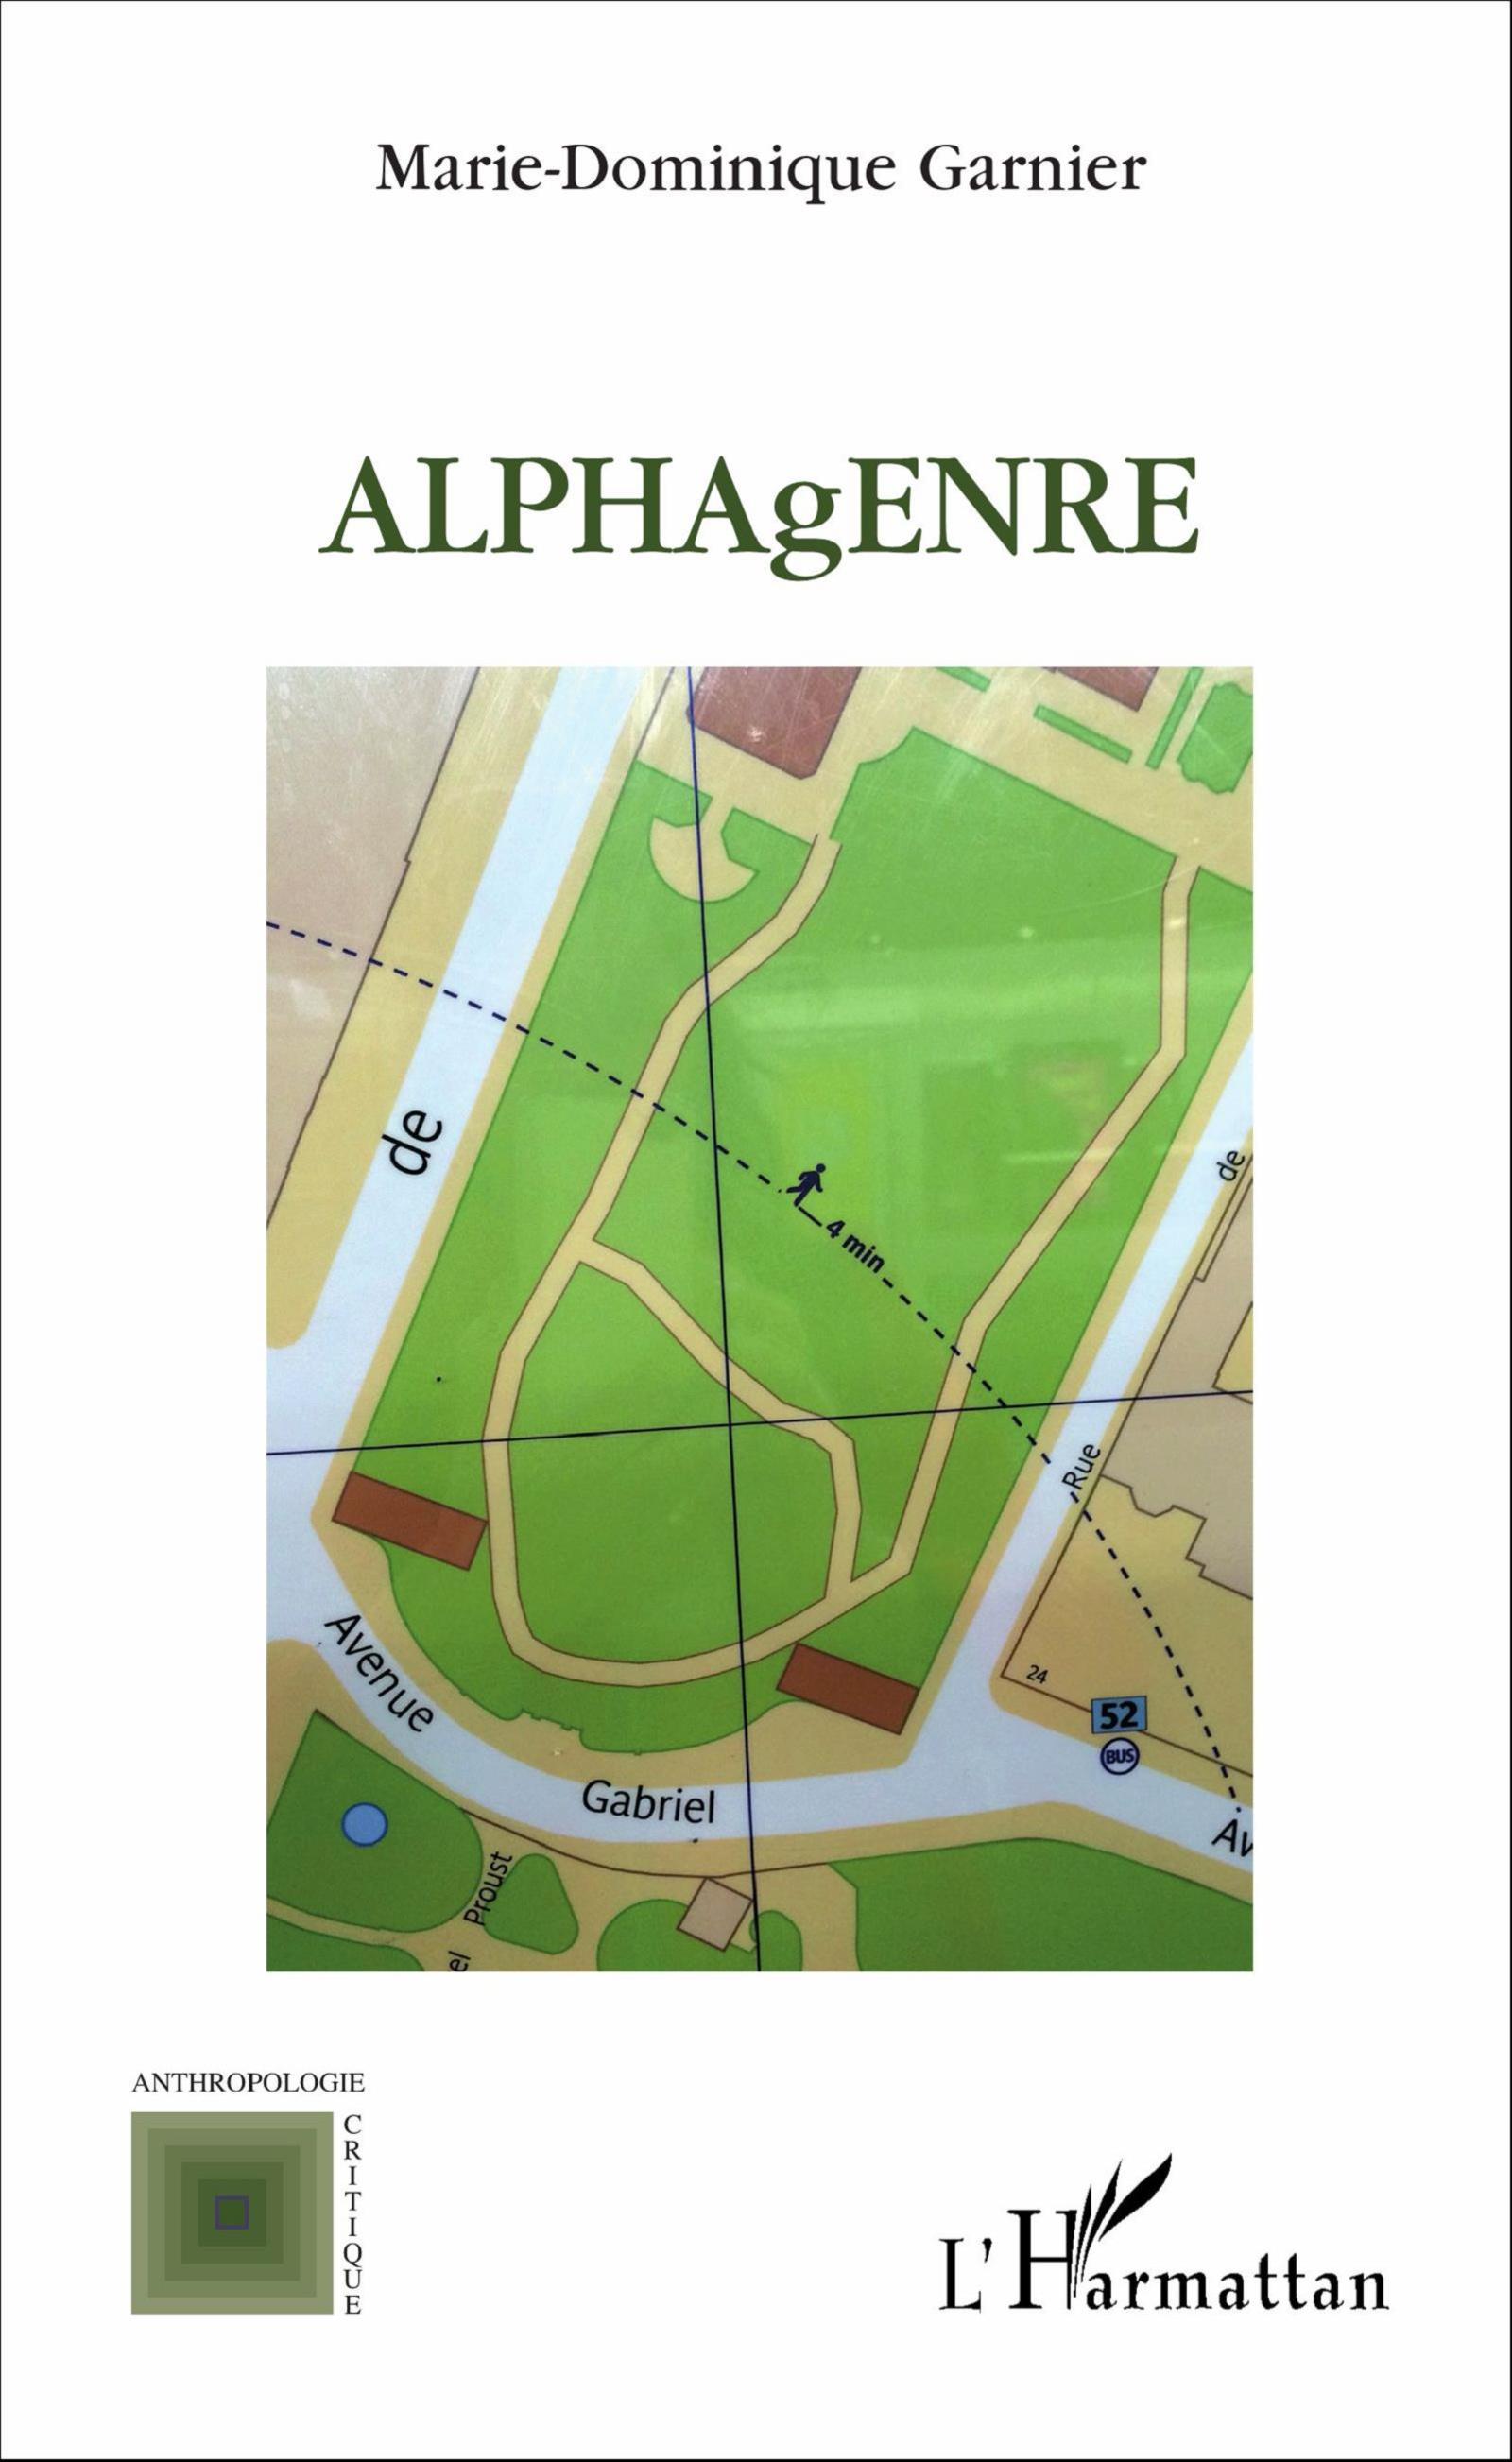 M.-D. Garnier, Alphagenre